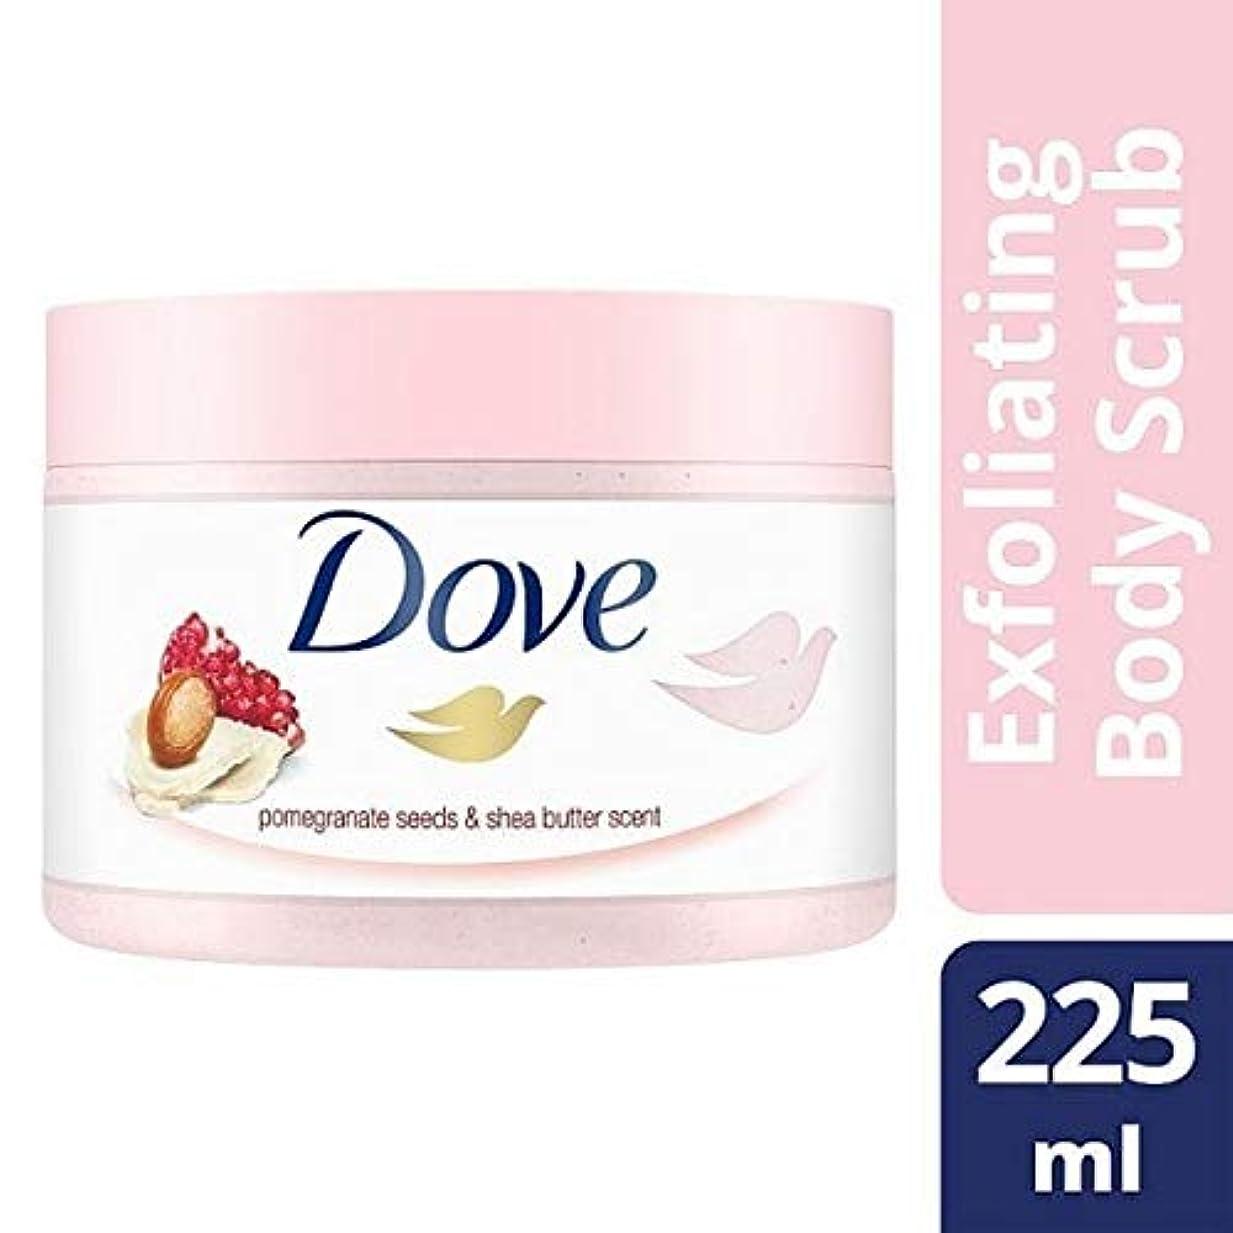 骨折宇宙飛行士施し[Dove ] 225ミリリットルボディスクラブザクロ種子を剥離鳩 - Dove Exfoliating Body Scrub Pomegranate Seeds 225ml [並行輸入品]